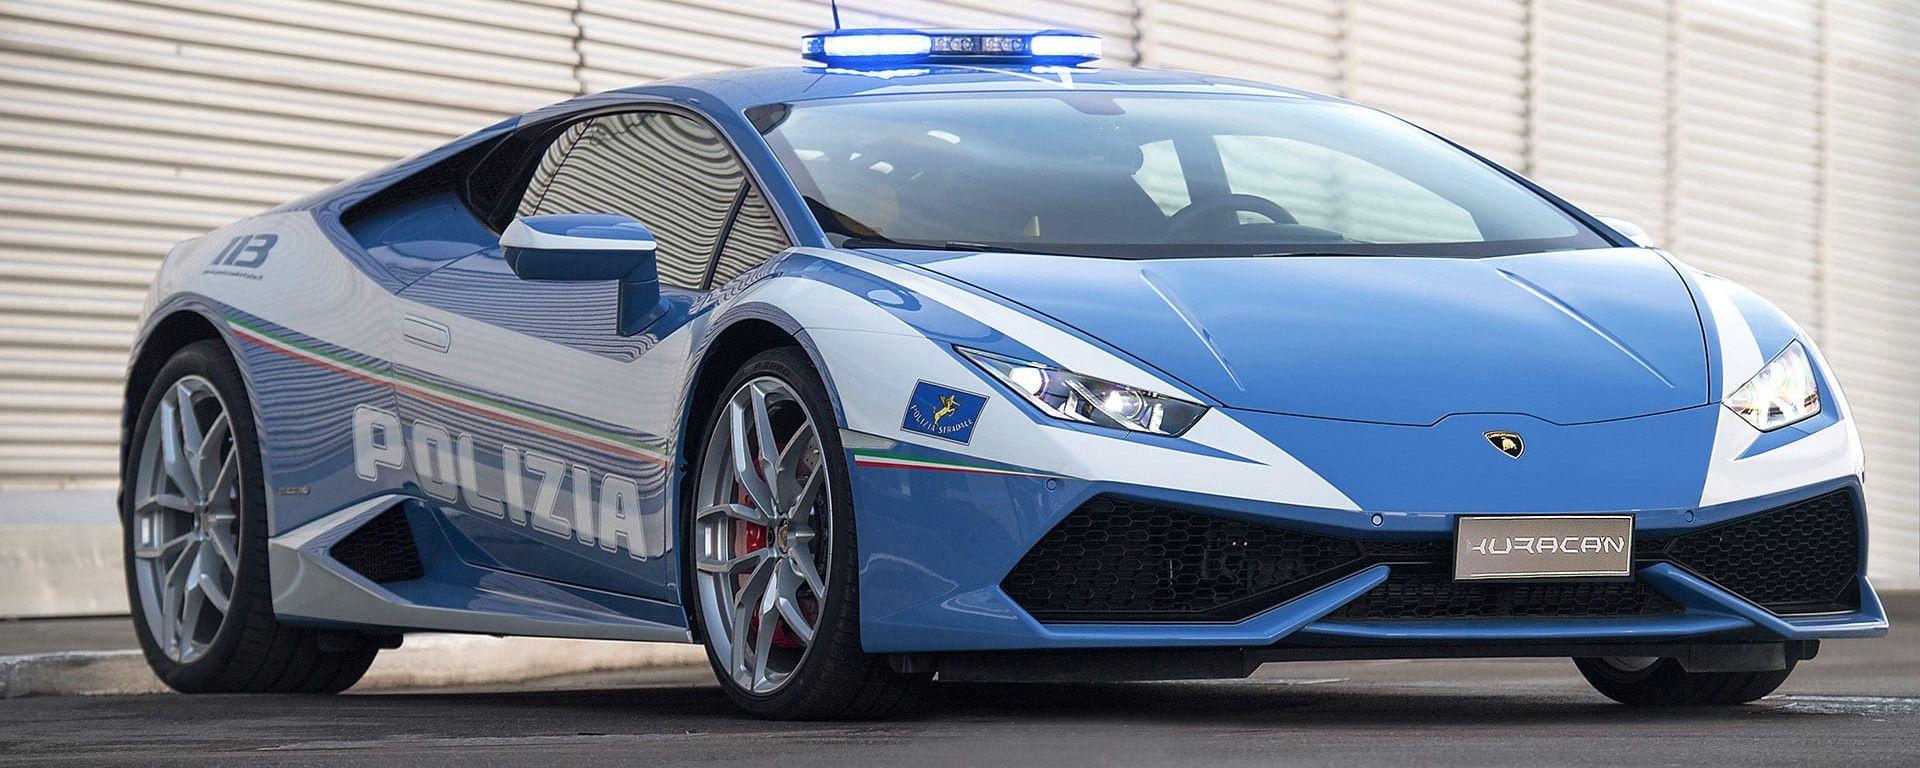 Lamborghini HuracanLP 610-4